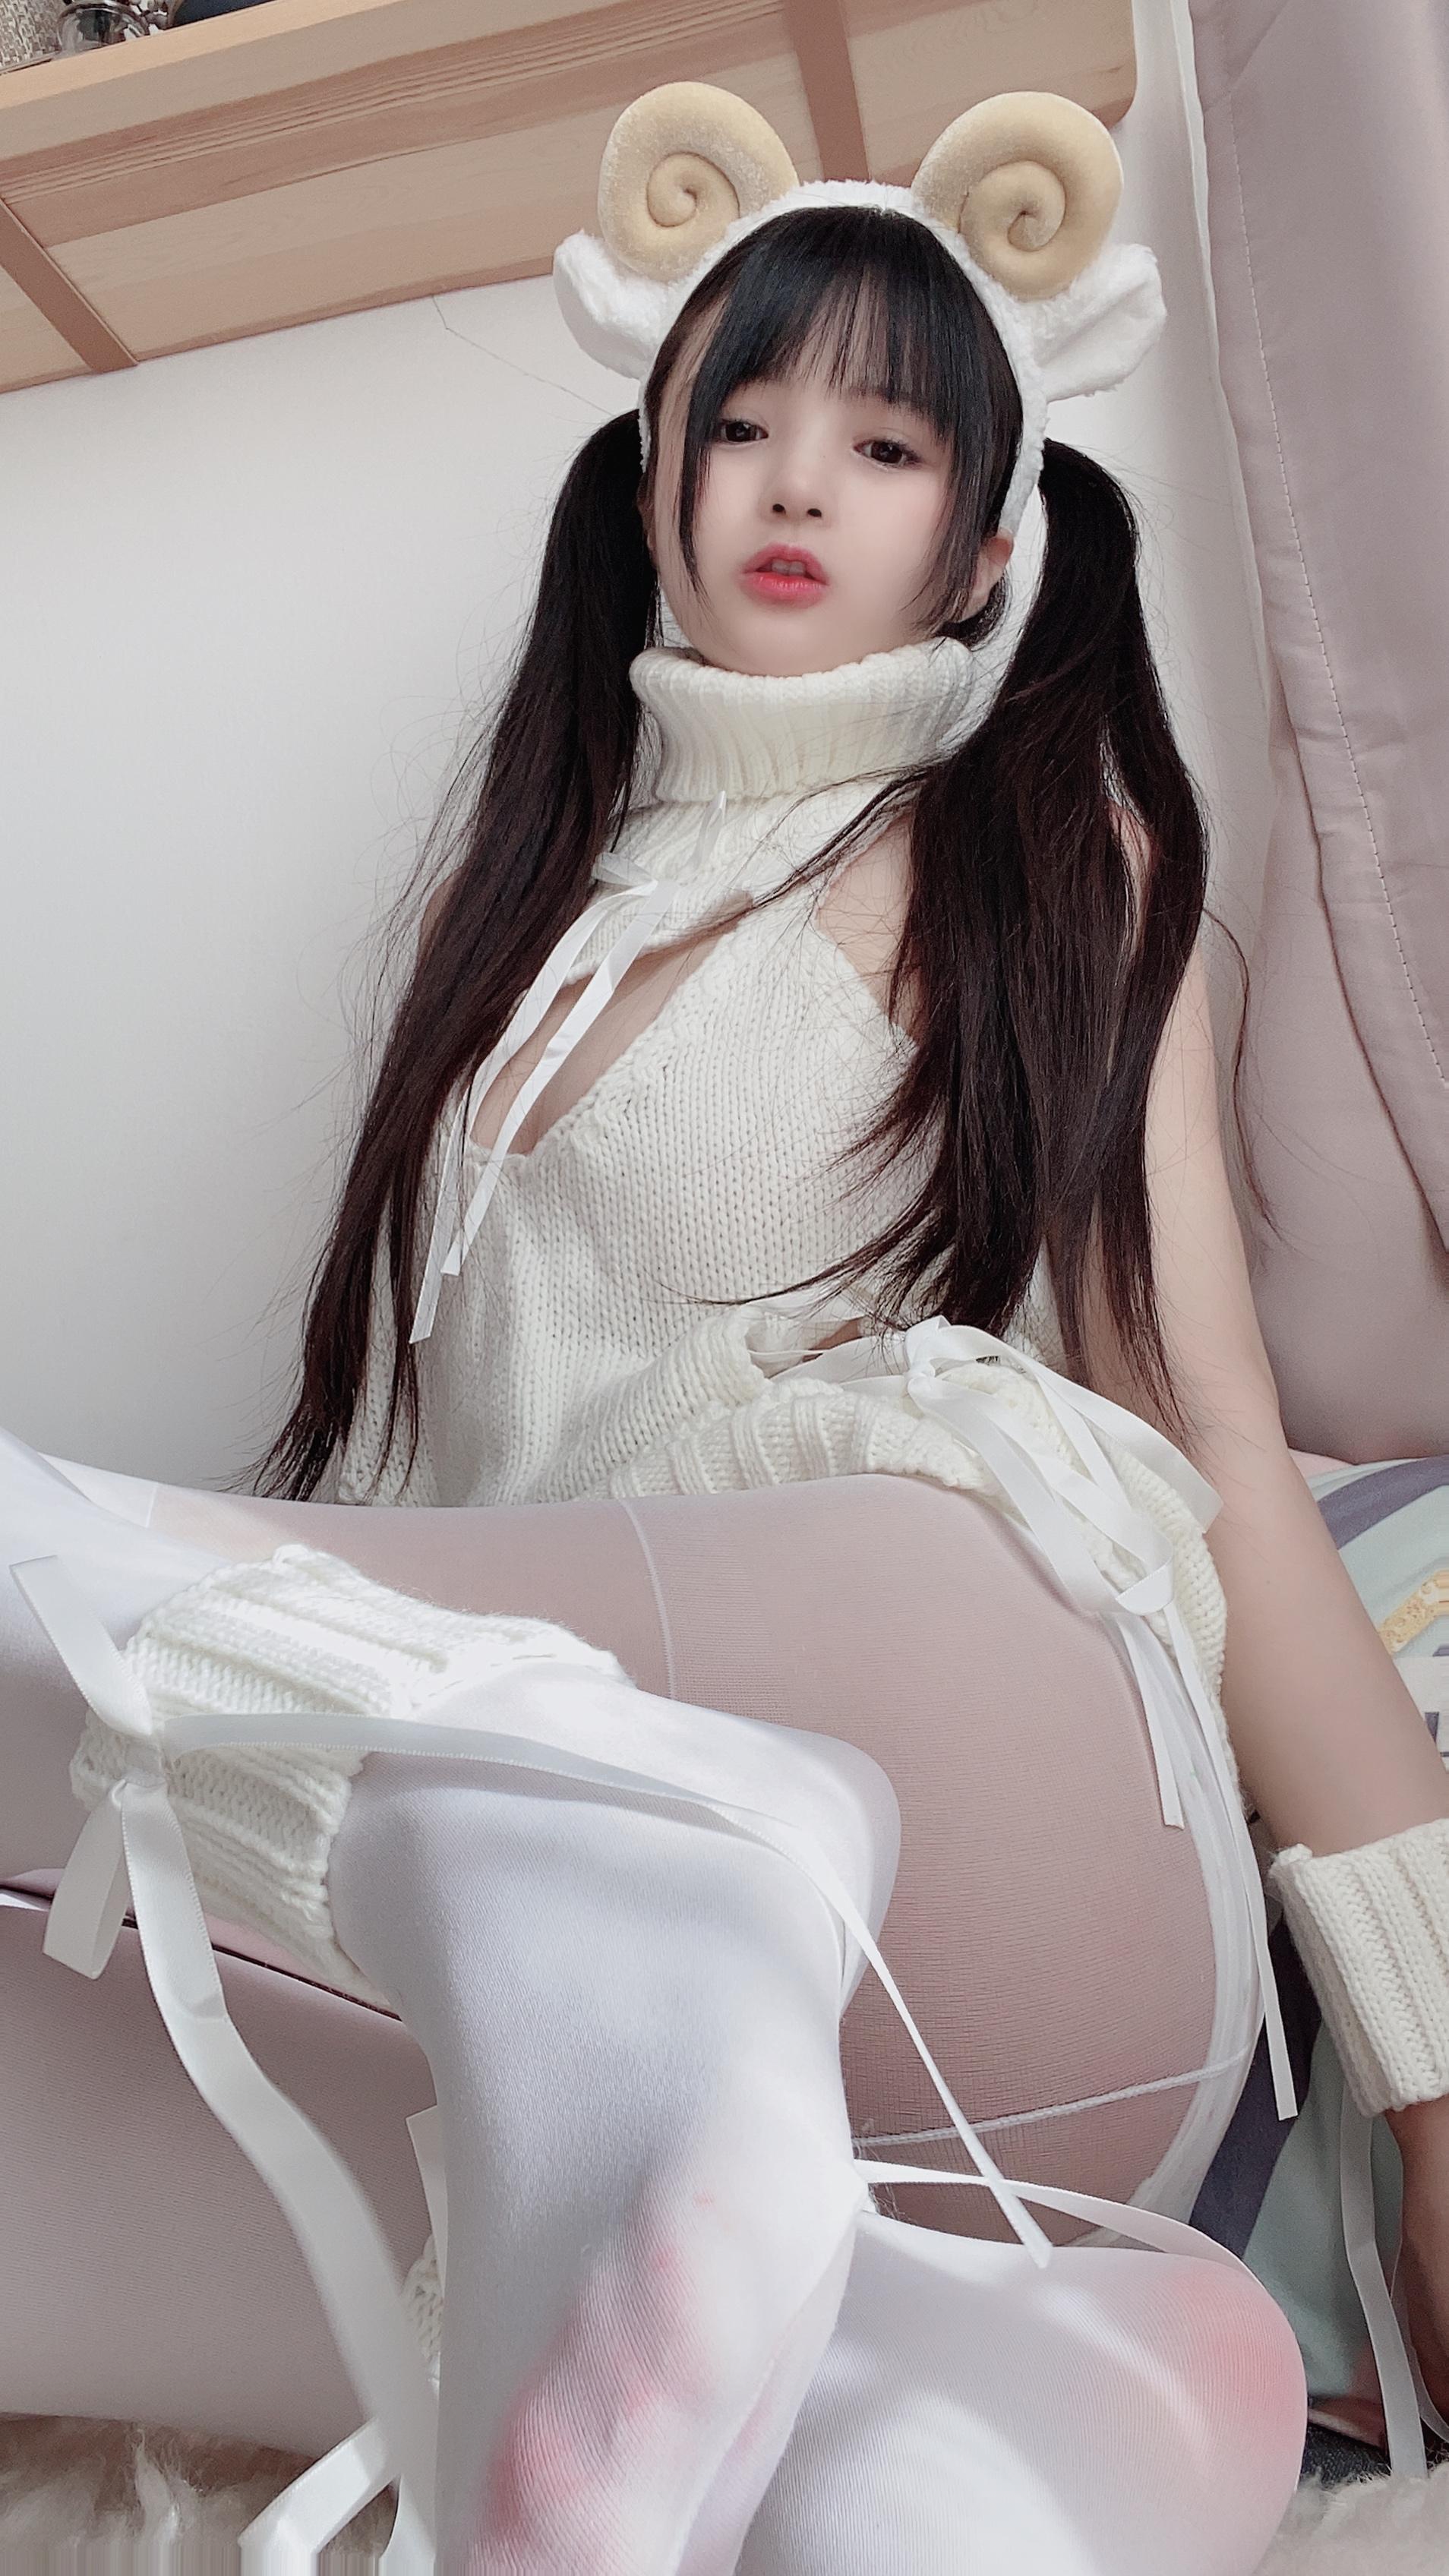 桜井宁宁绵羊少女写真,可爱到爆